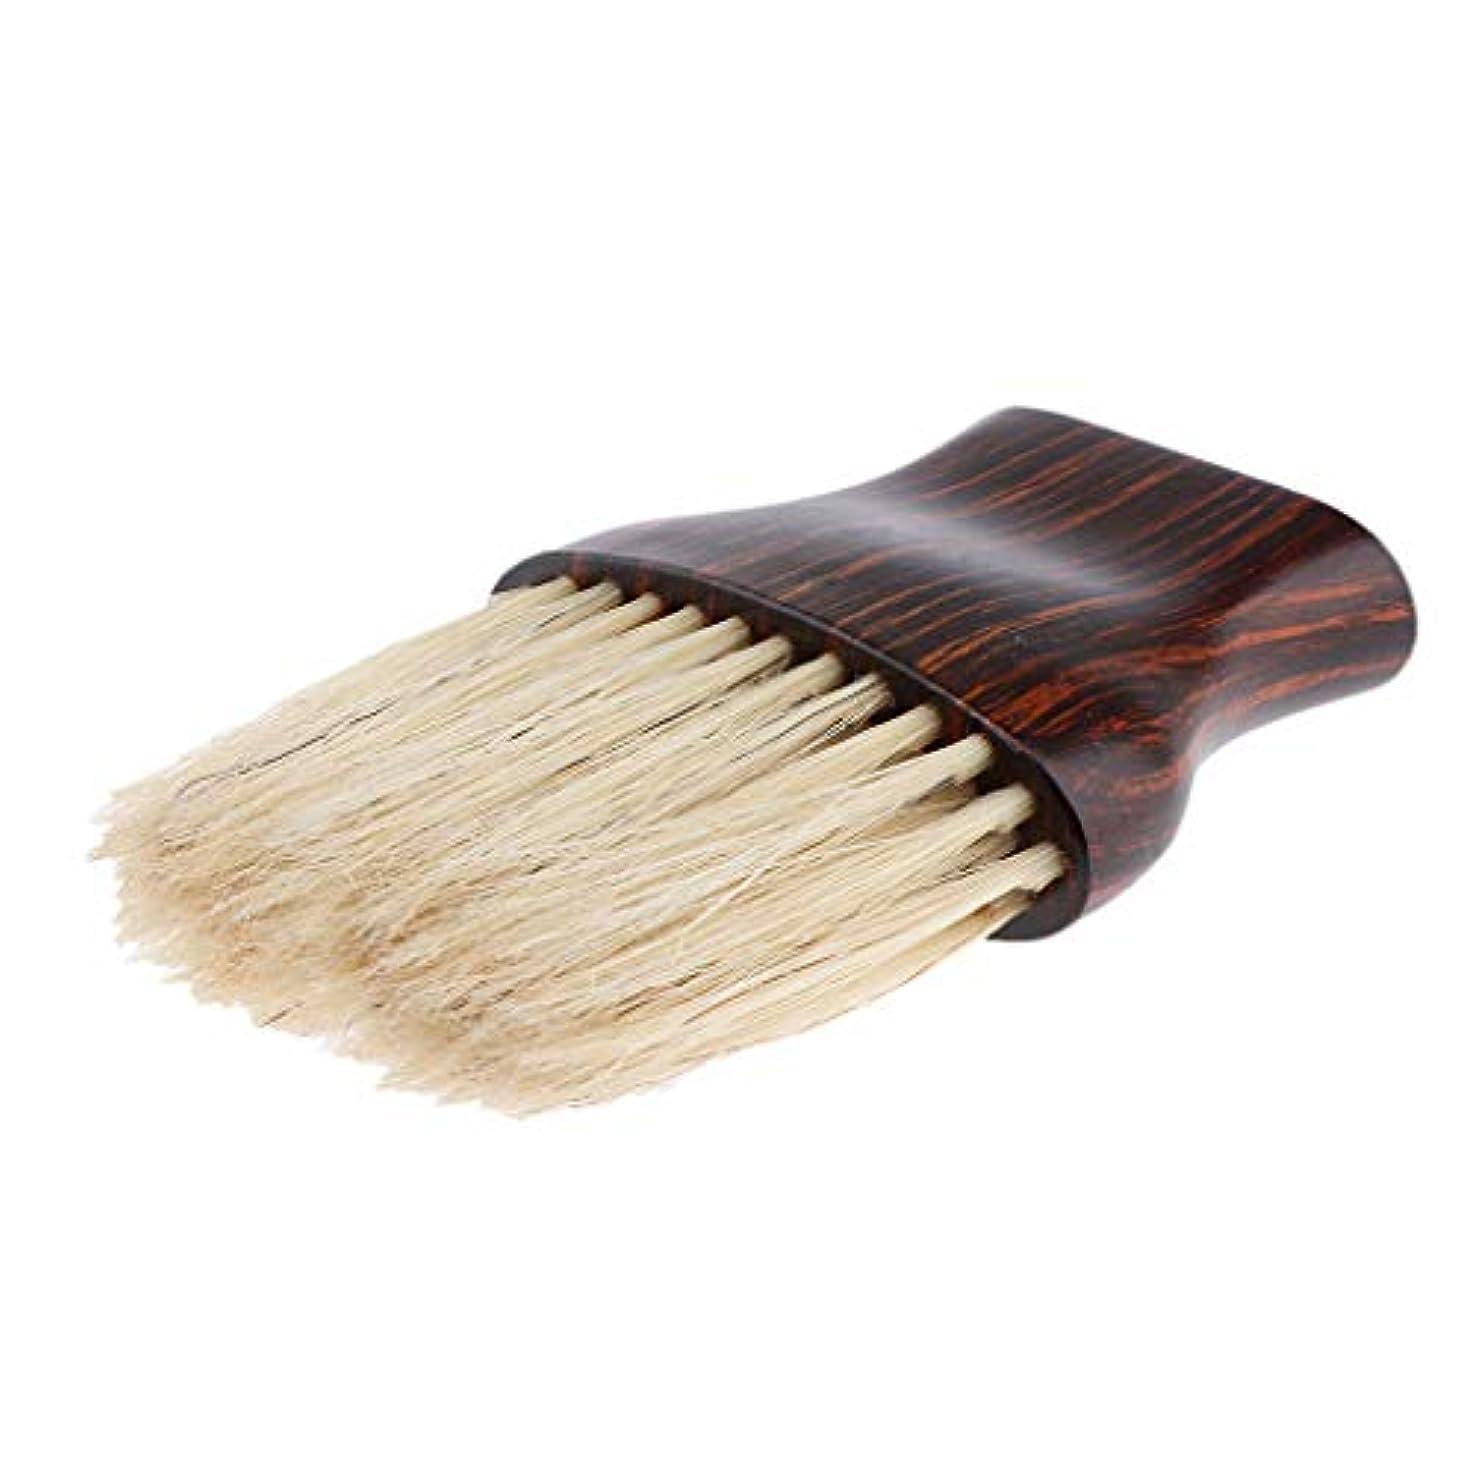 血まみれの動員するなめるCUTICATE ヘアカットブラシ ネックダスタークリーニング ヘアブラシ 理髪師理髪ツール